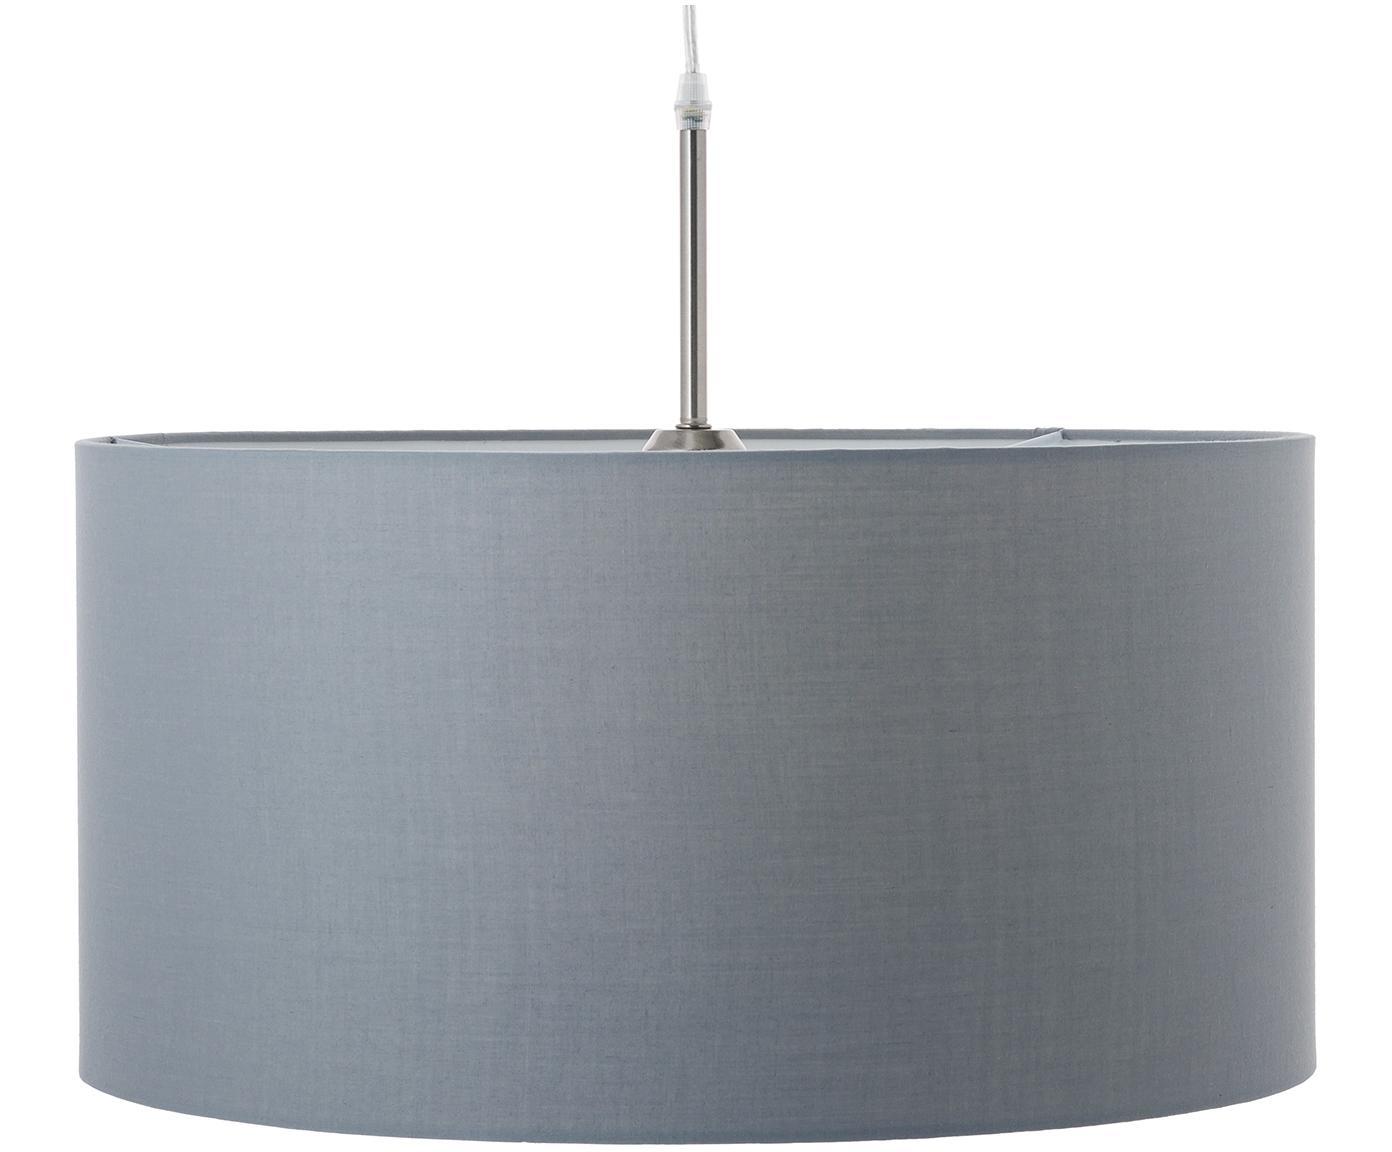 Pendelleuchte Blank aus Baumwolle, Lampenschirm: Baumwollgemisch, Baldachin: Metall, vernickelt, Grau, ∅ 50 x H 25 cm